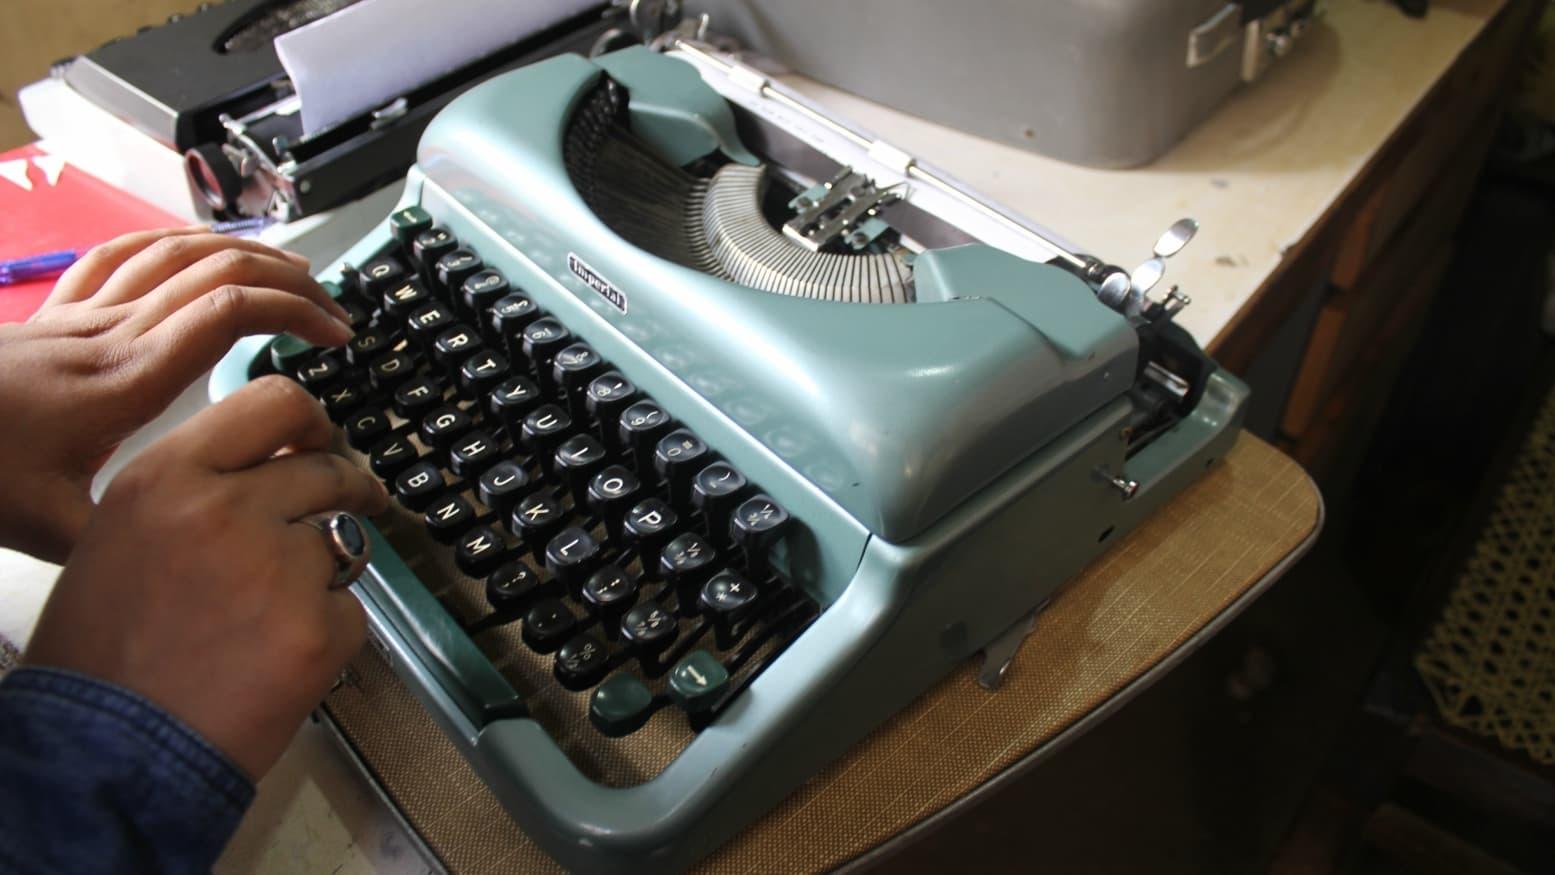 Typing on a typewriter takes some doing